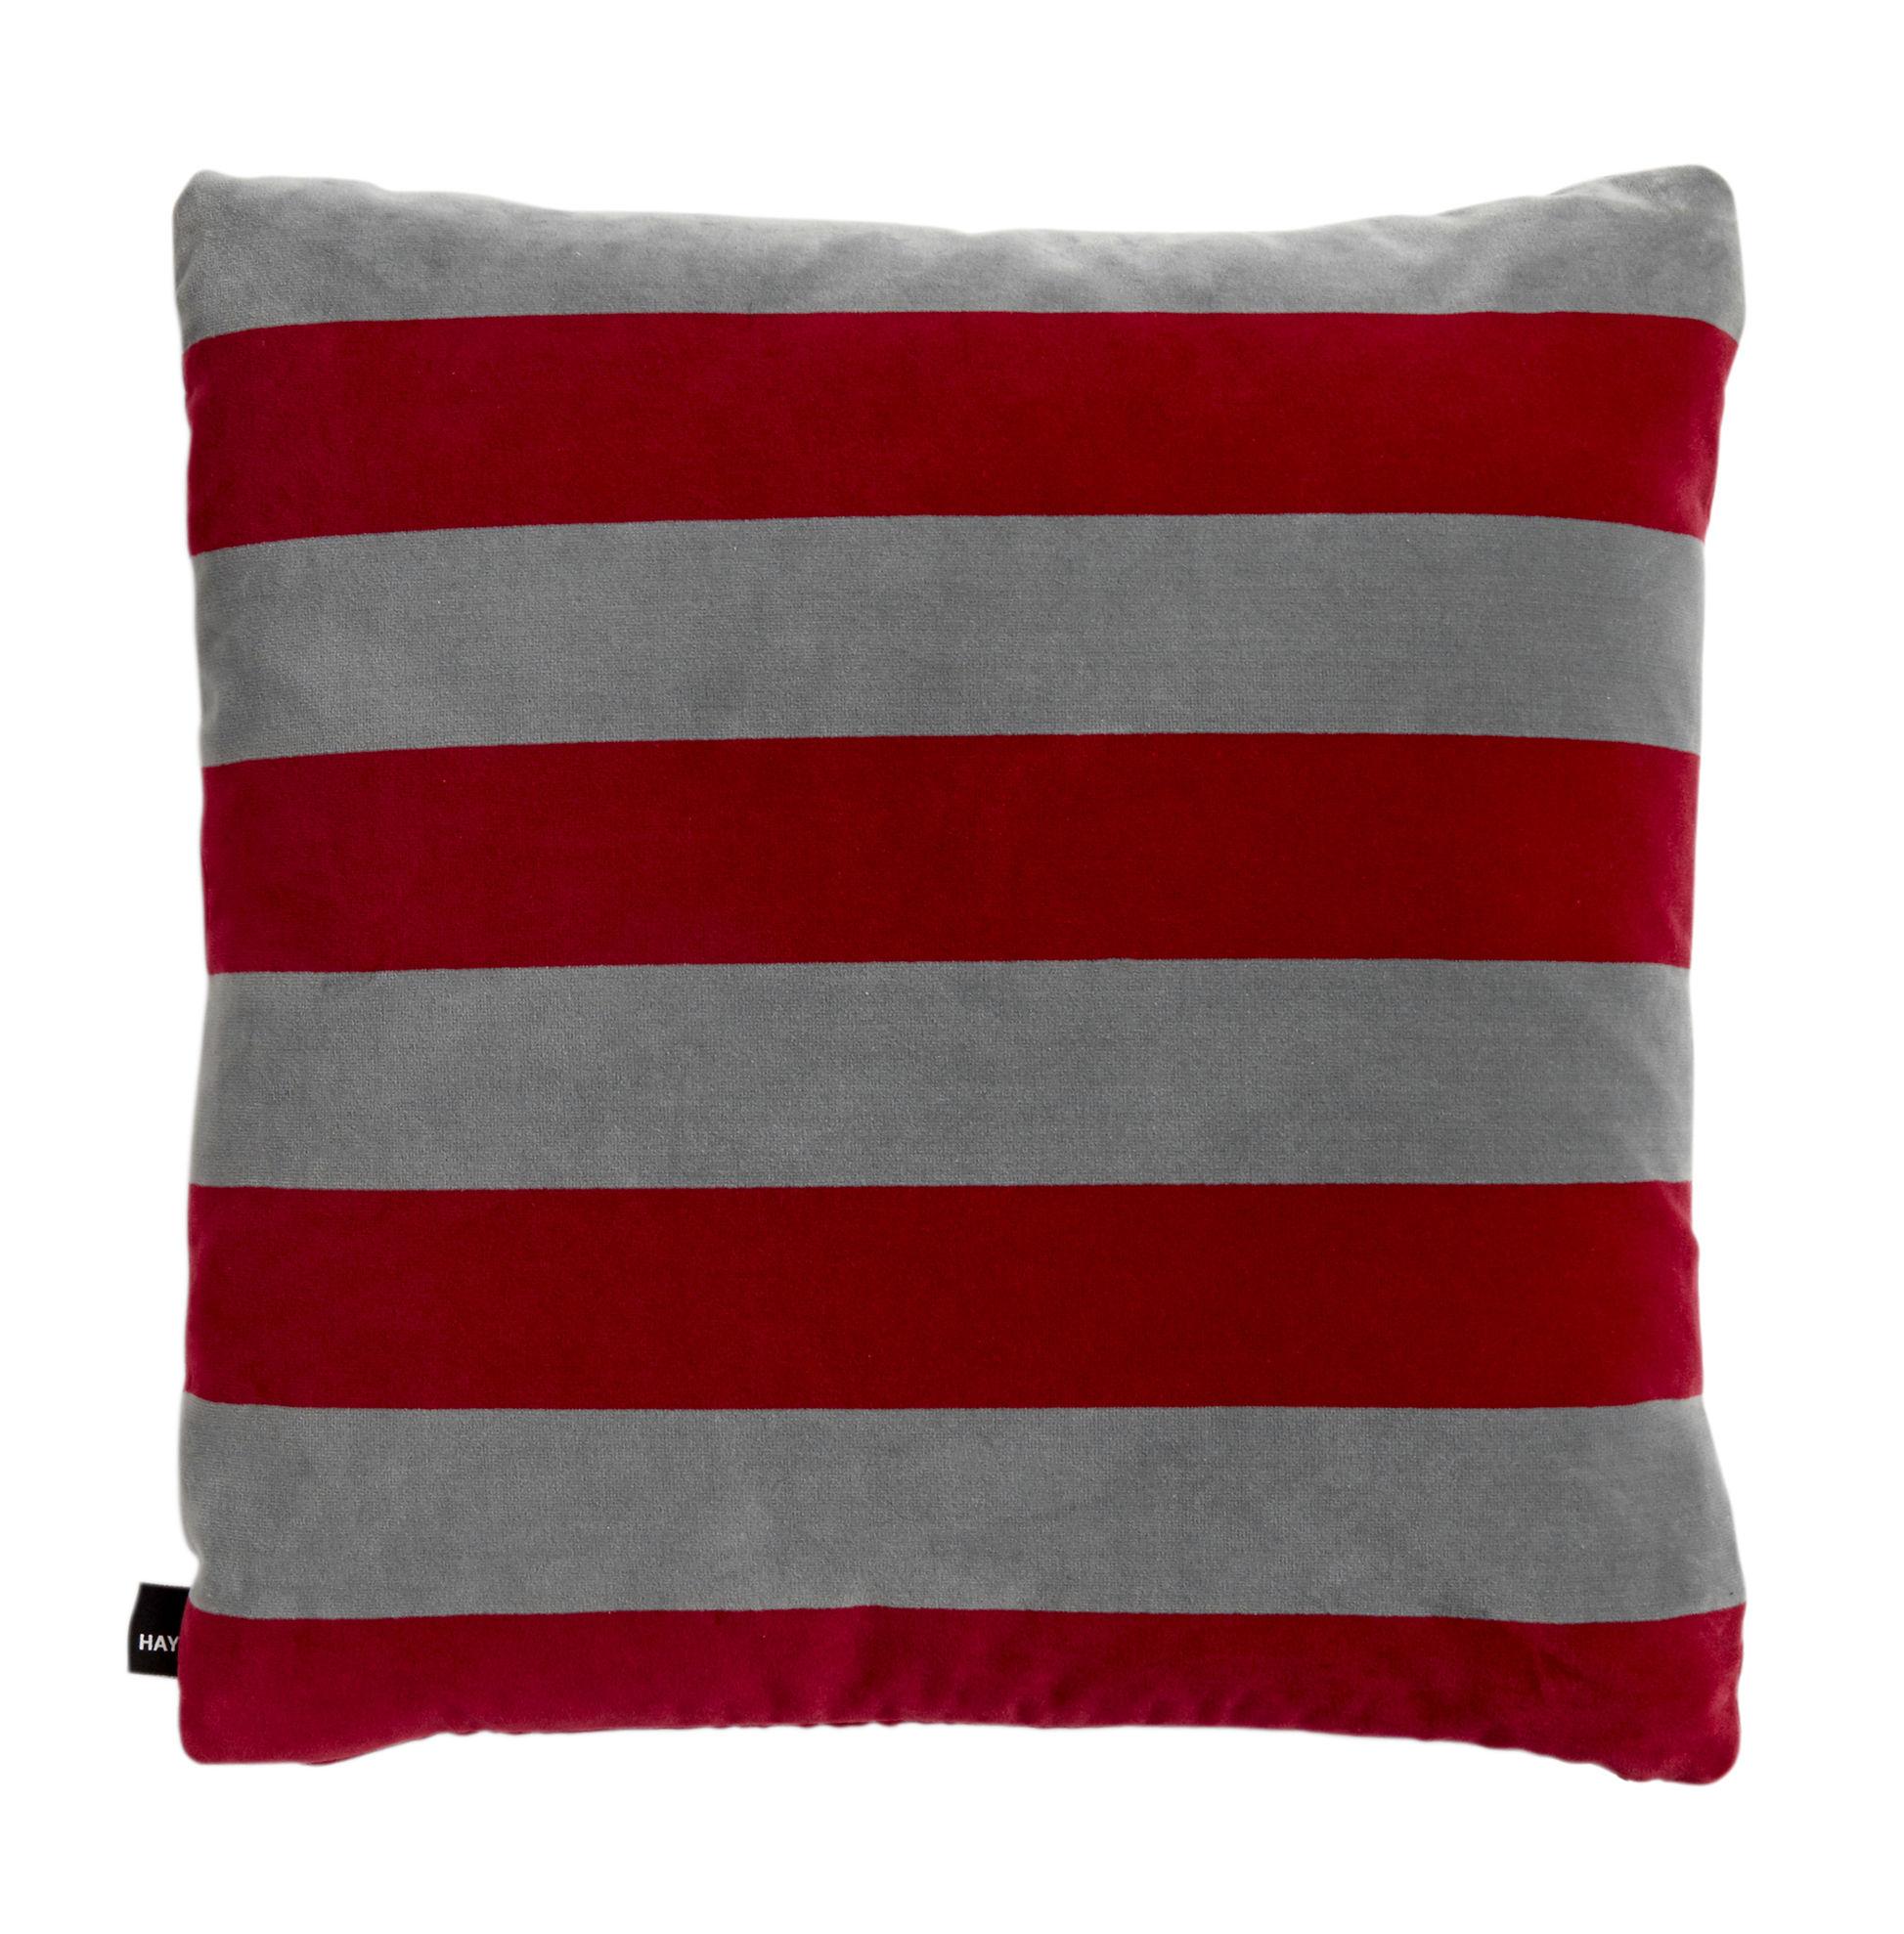 Déco - Coussins - Coussin Soft Stripe / 50 x 50 cm - Velours - Hay - Fuchsia -  Plumes, Coton